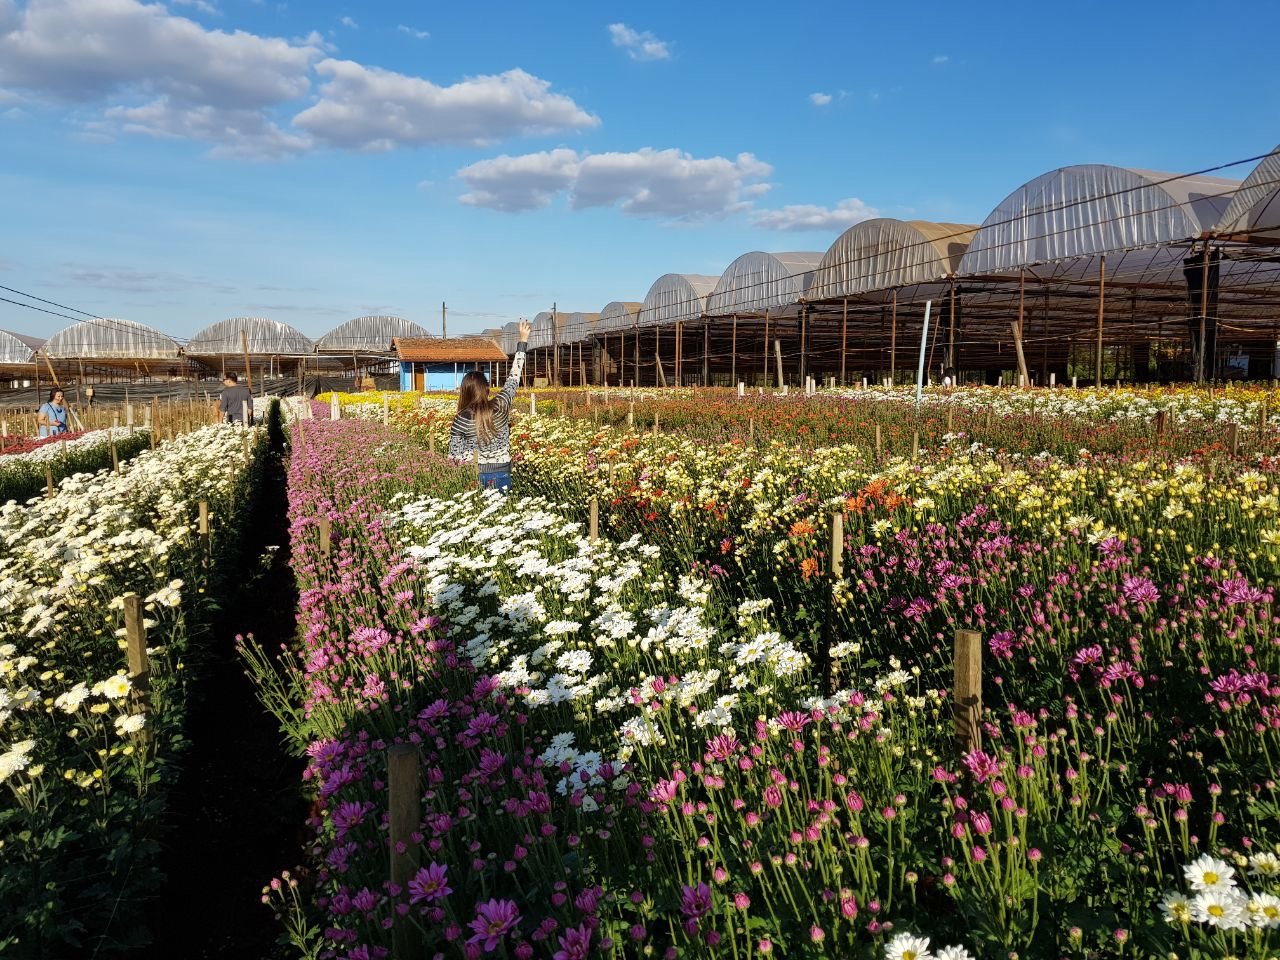 campo de flores coloridas em holambra